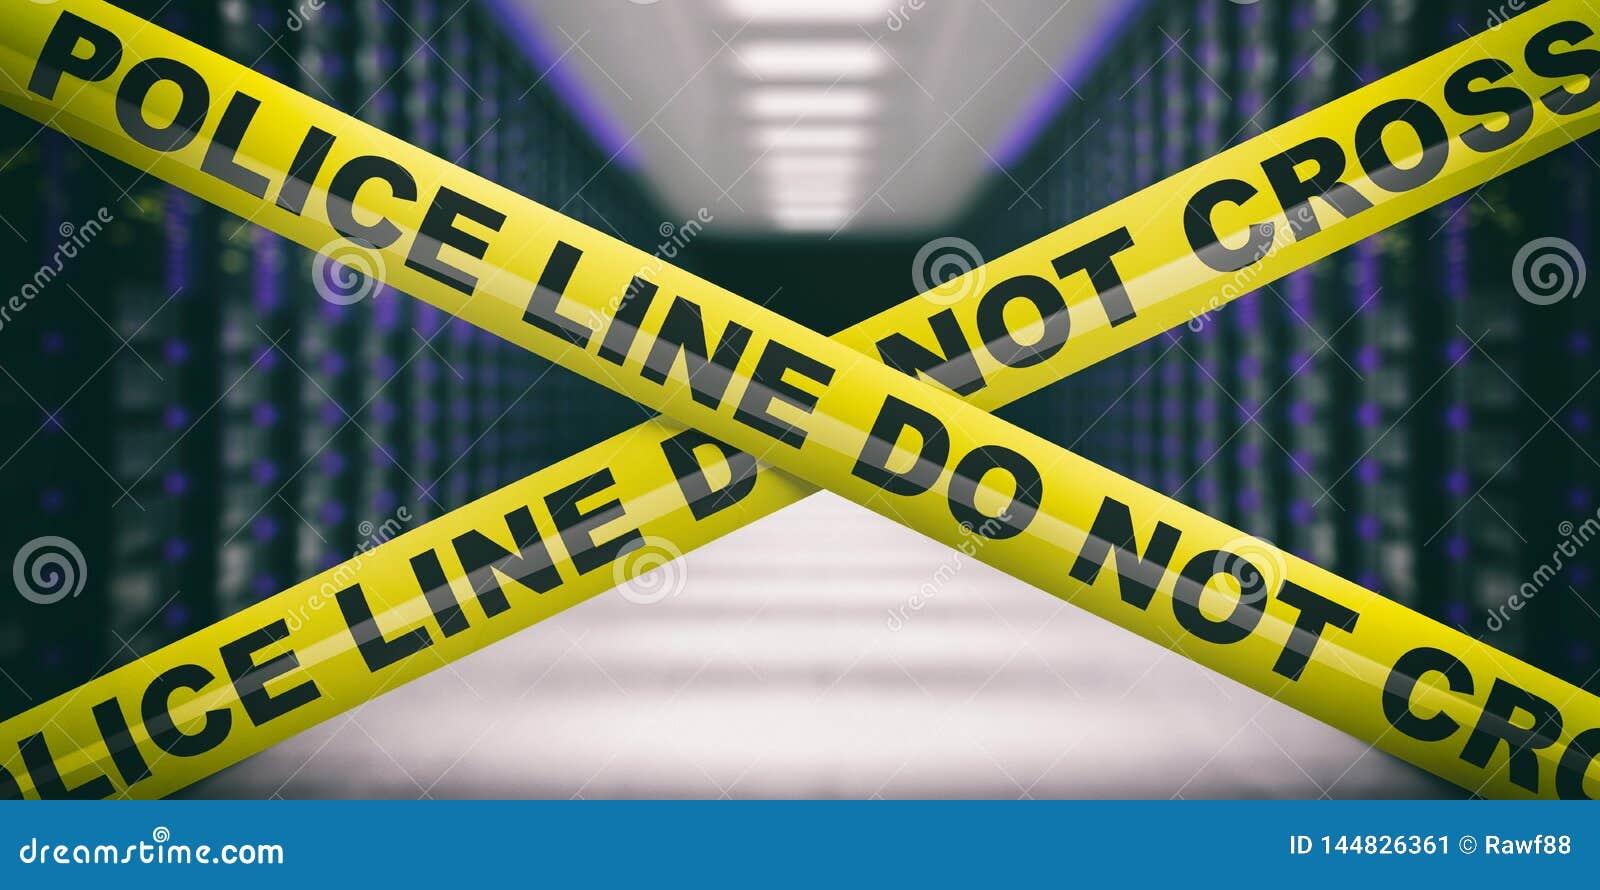 Det varnande gula bandet, text korsar inte, g?r suddig datorhallbakgrund illustration 3d